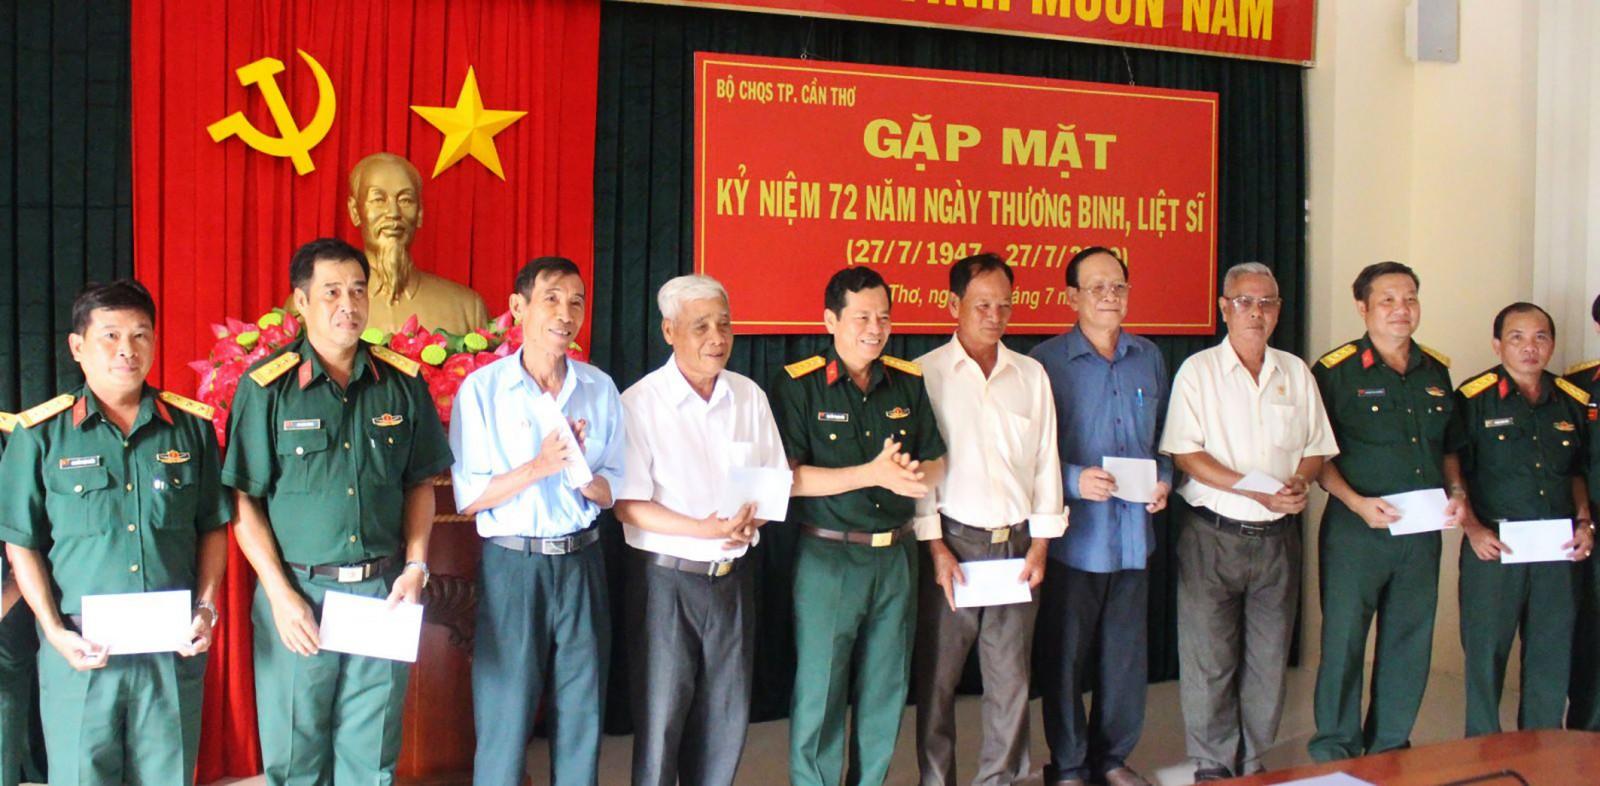 Đại tá Nguyễn Thanh Đức, Chính ủy Bộ CHQS thành phố, trao quà cho cán bộ, chỉ huy Quân sự qua các thời kỳ là thương binh, con liệt sĩ.